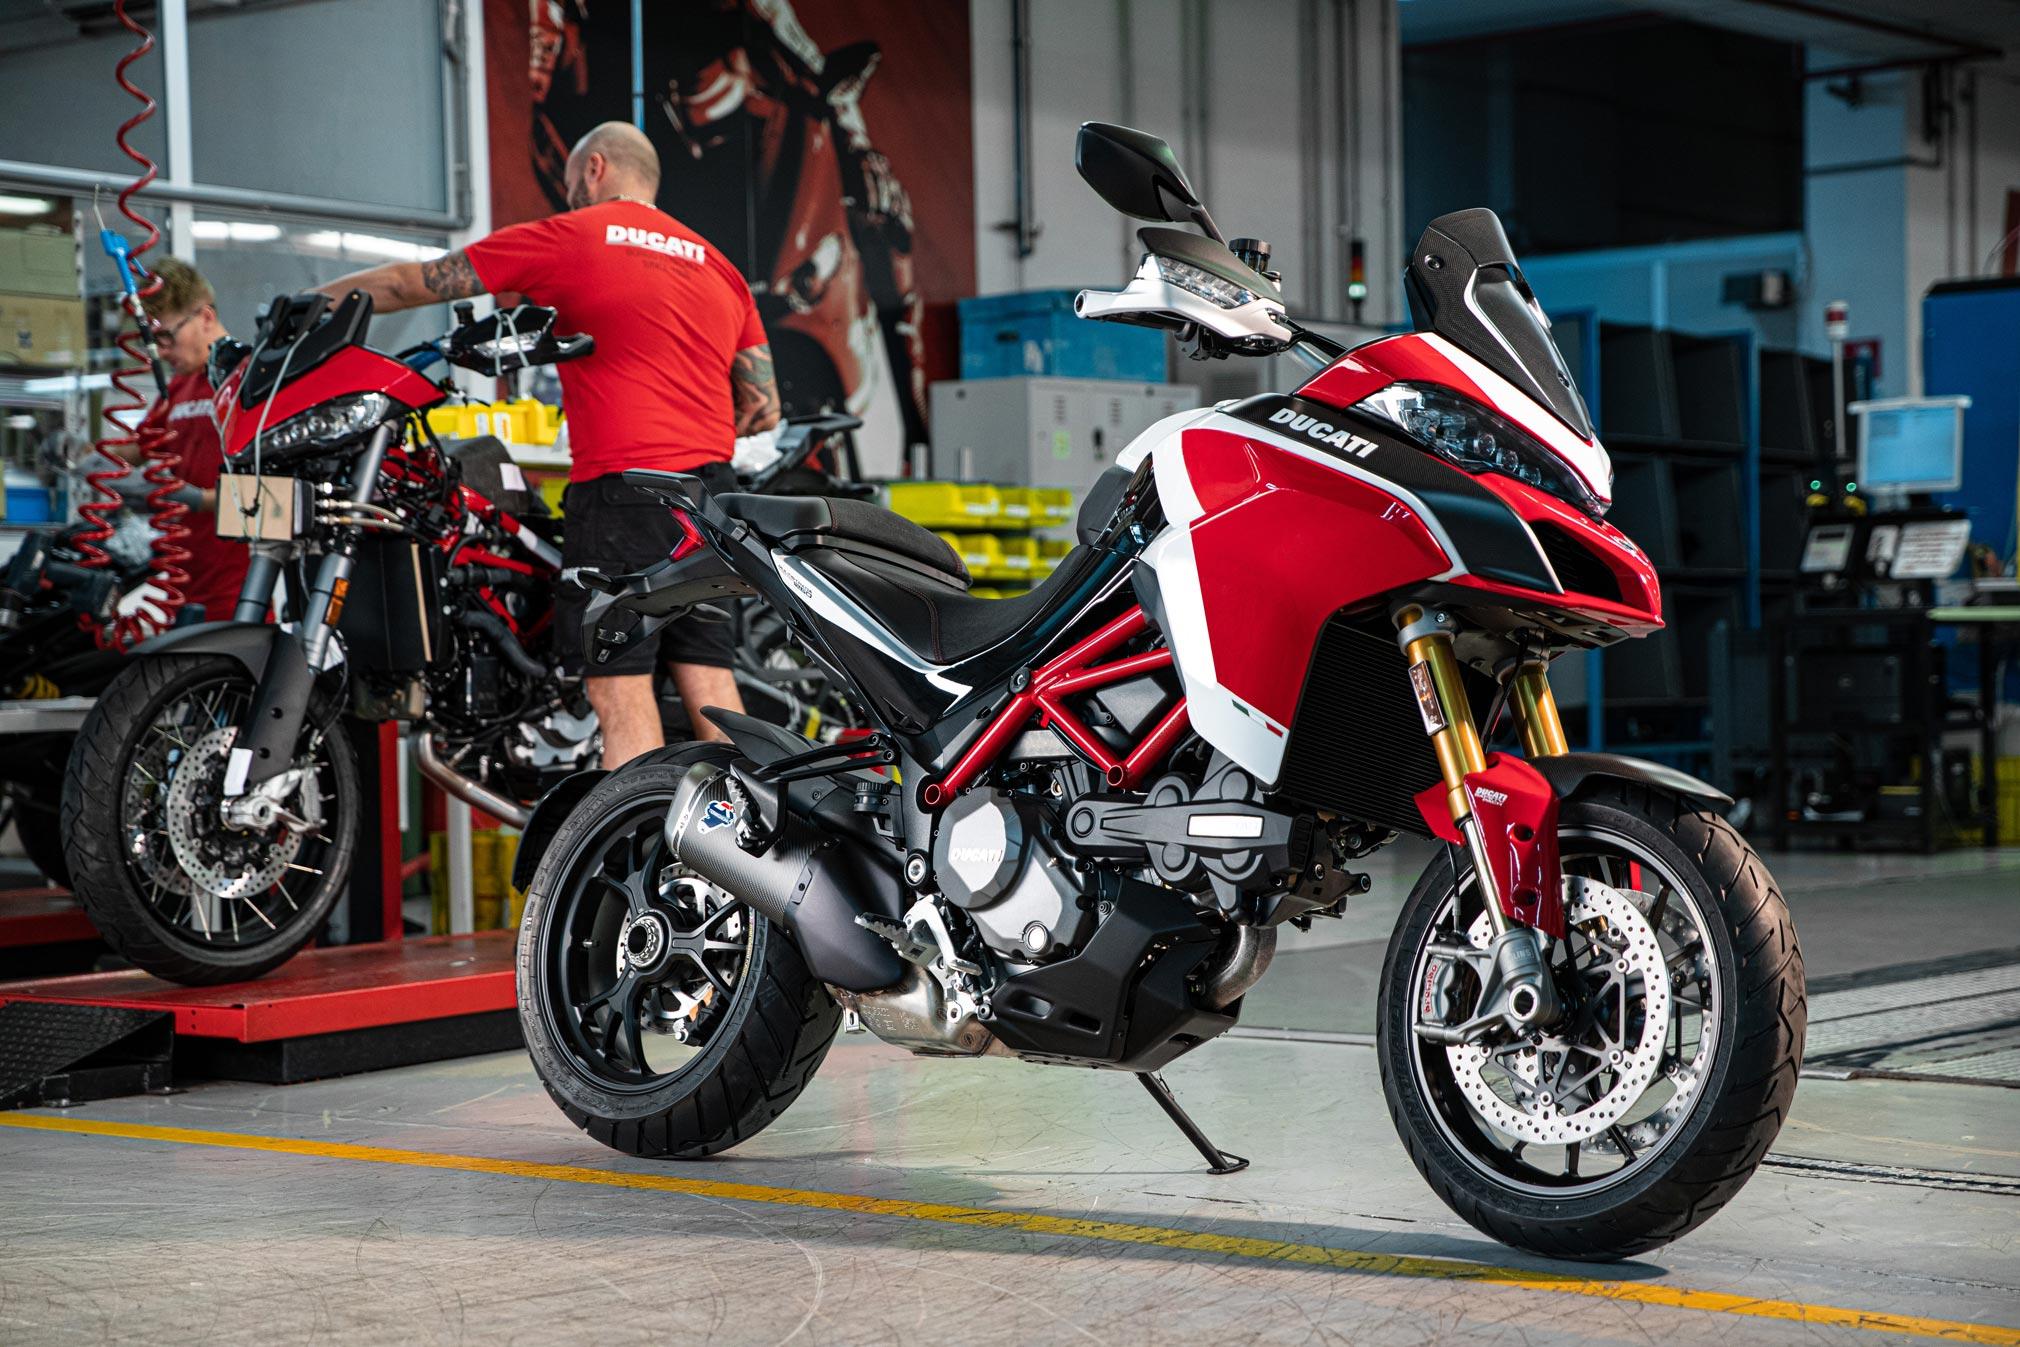 2020-Ducati-Multistrada-1260-Pikes-Peak